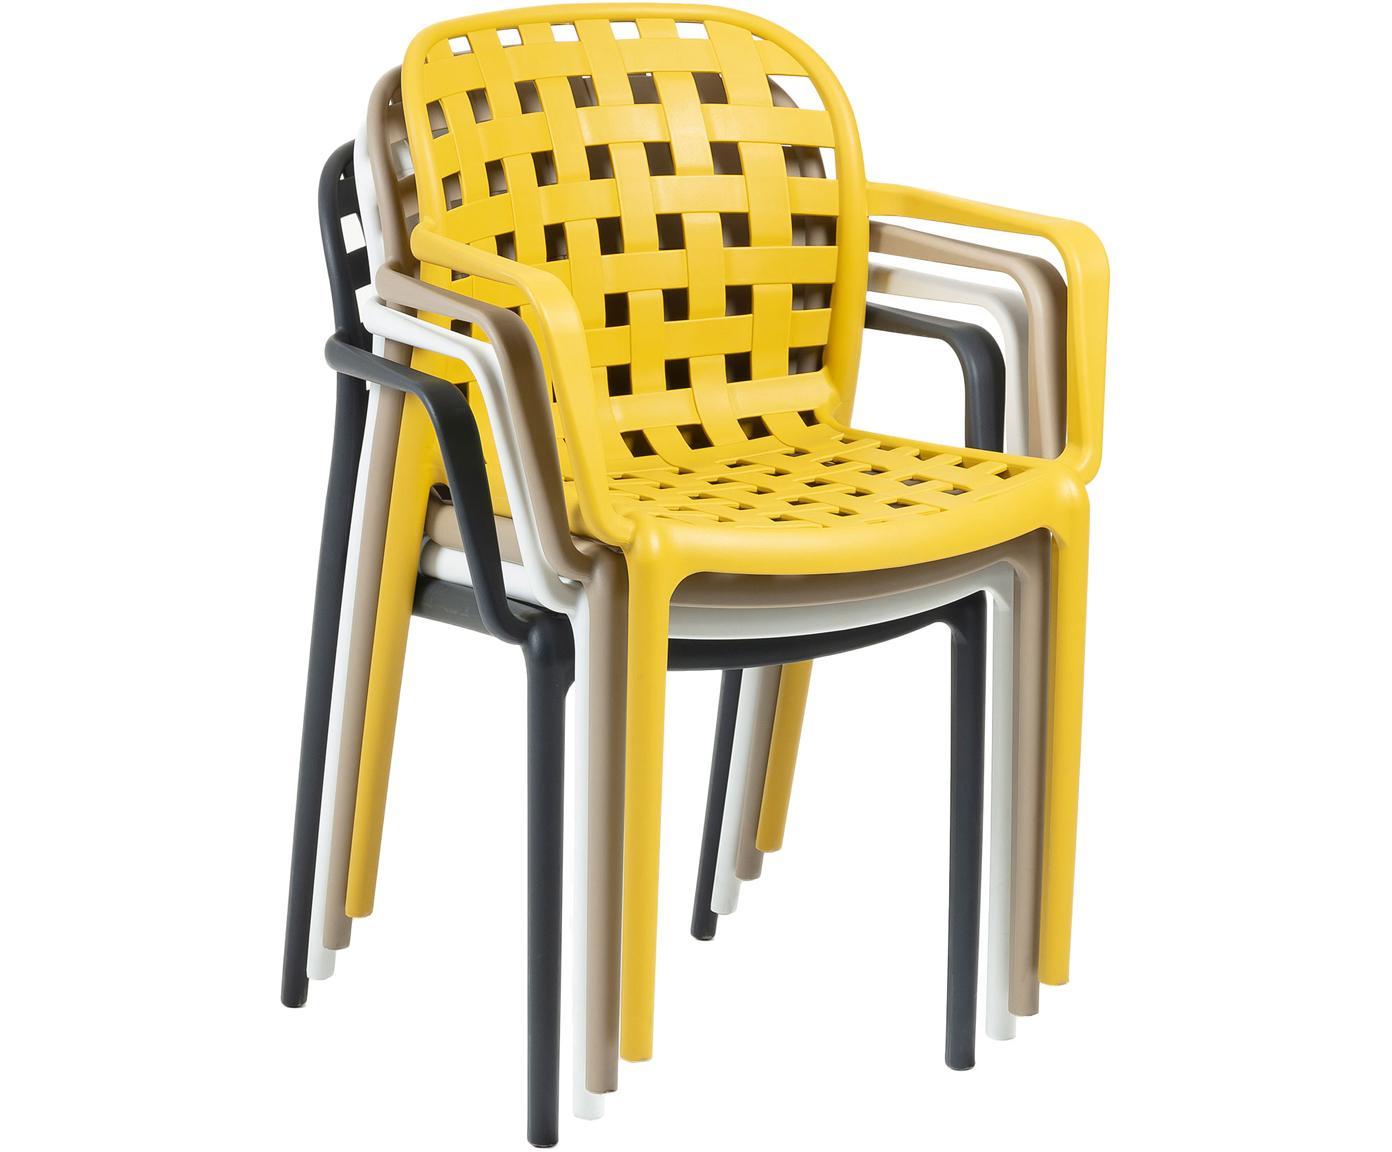 Krzesło ogrodowe składane z tworzywa sztucznego Isa, 2 szt., Tworzywo sztuczne, Ciemny szary, S 58 x G 58 cm